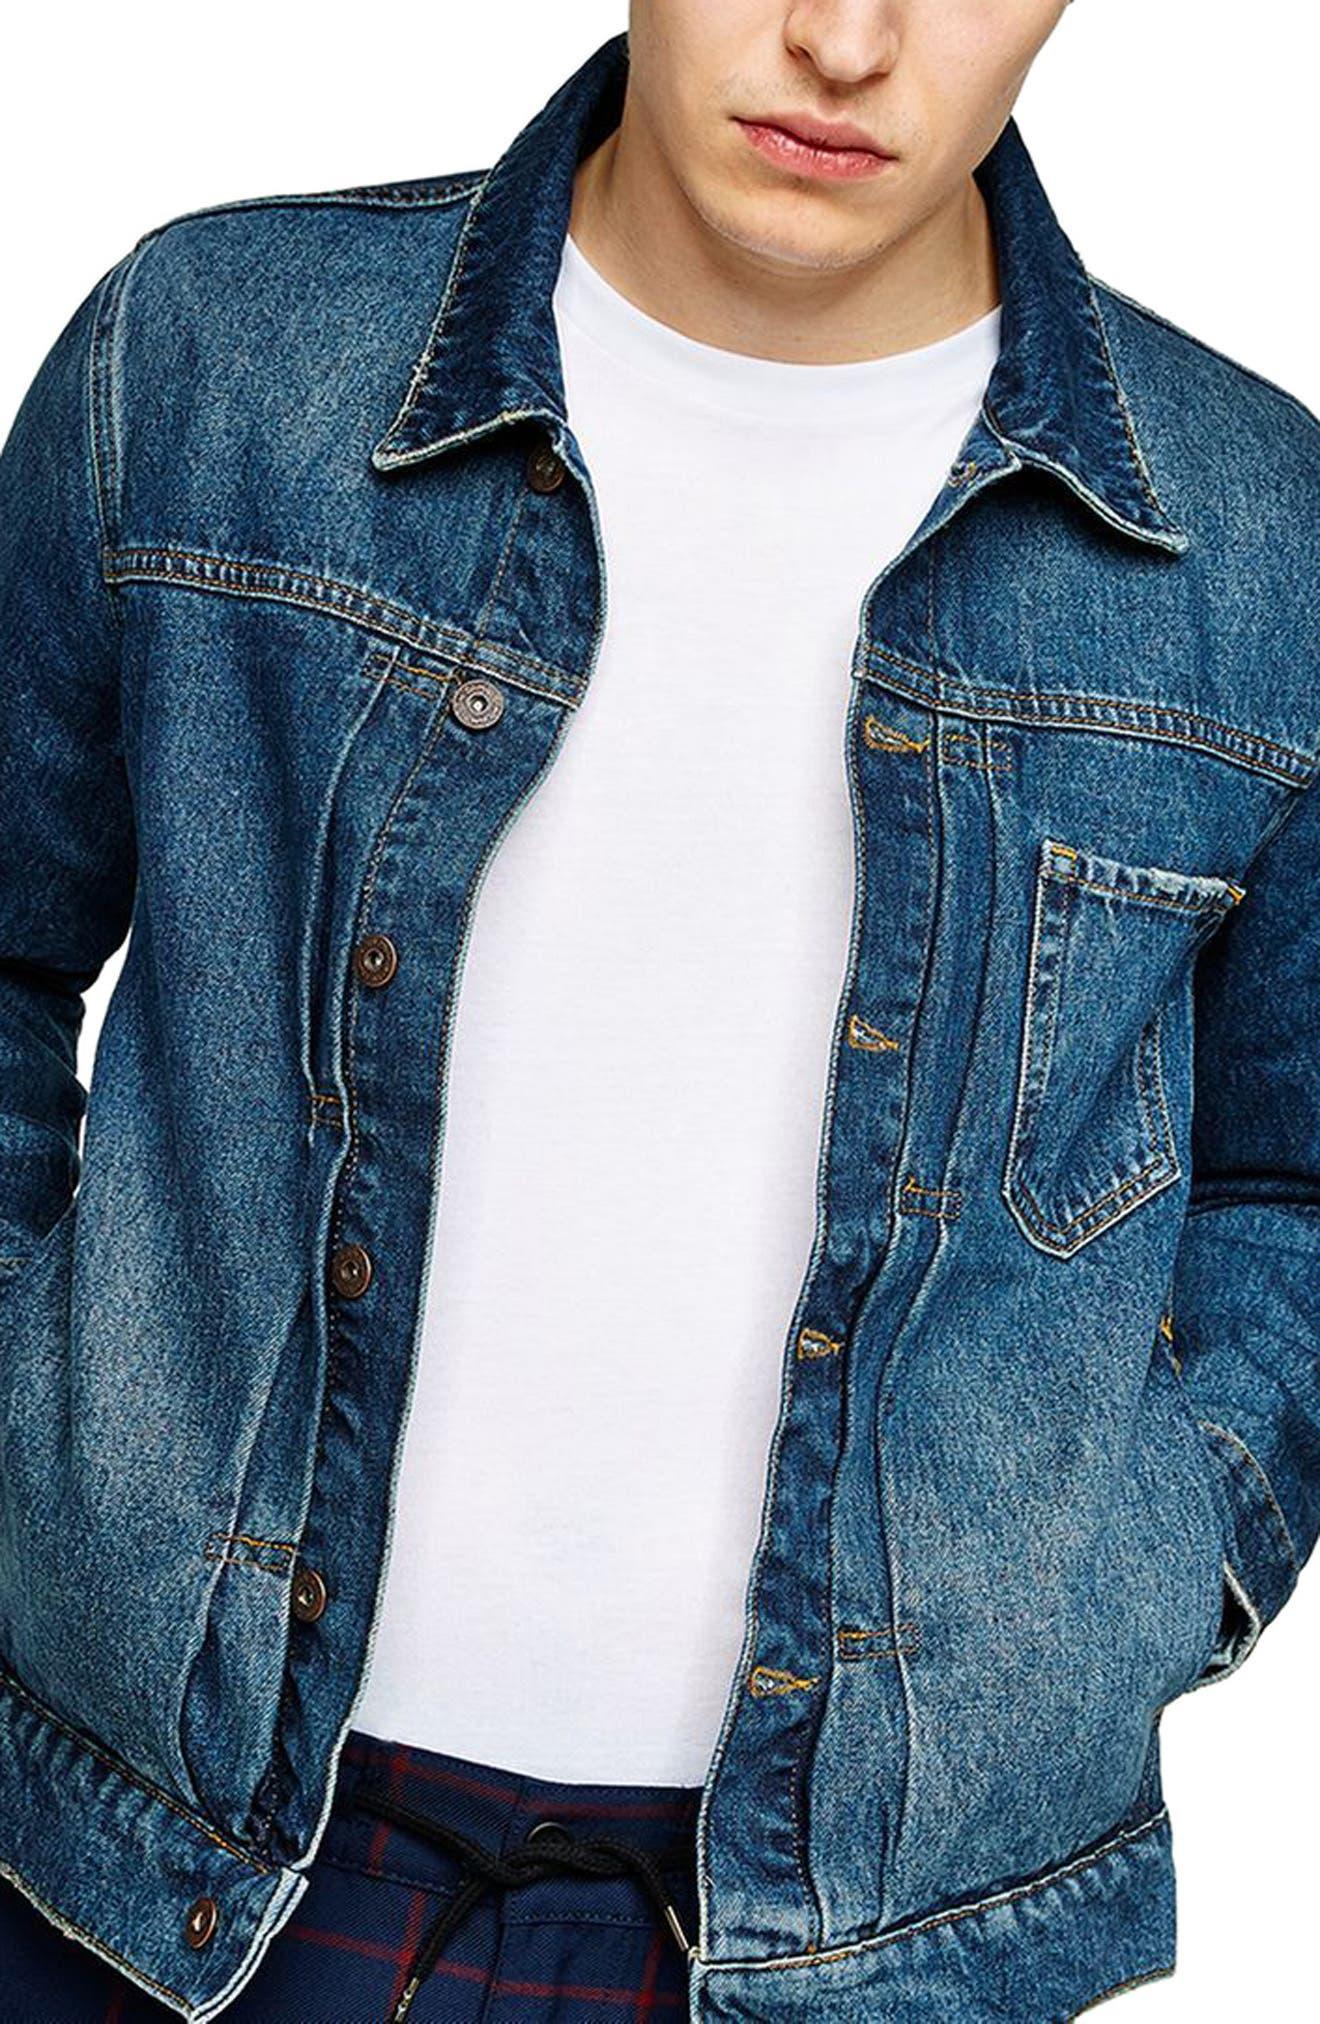 Cinch Back Denim Jacket,                         Main,                         color, Mid Blue